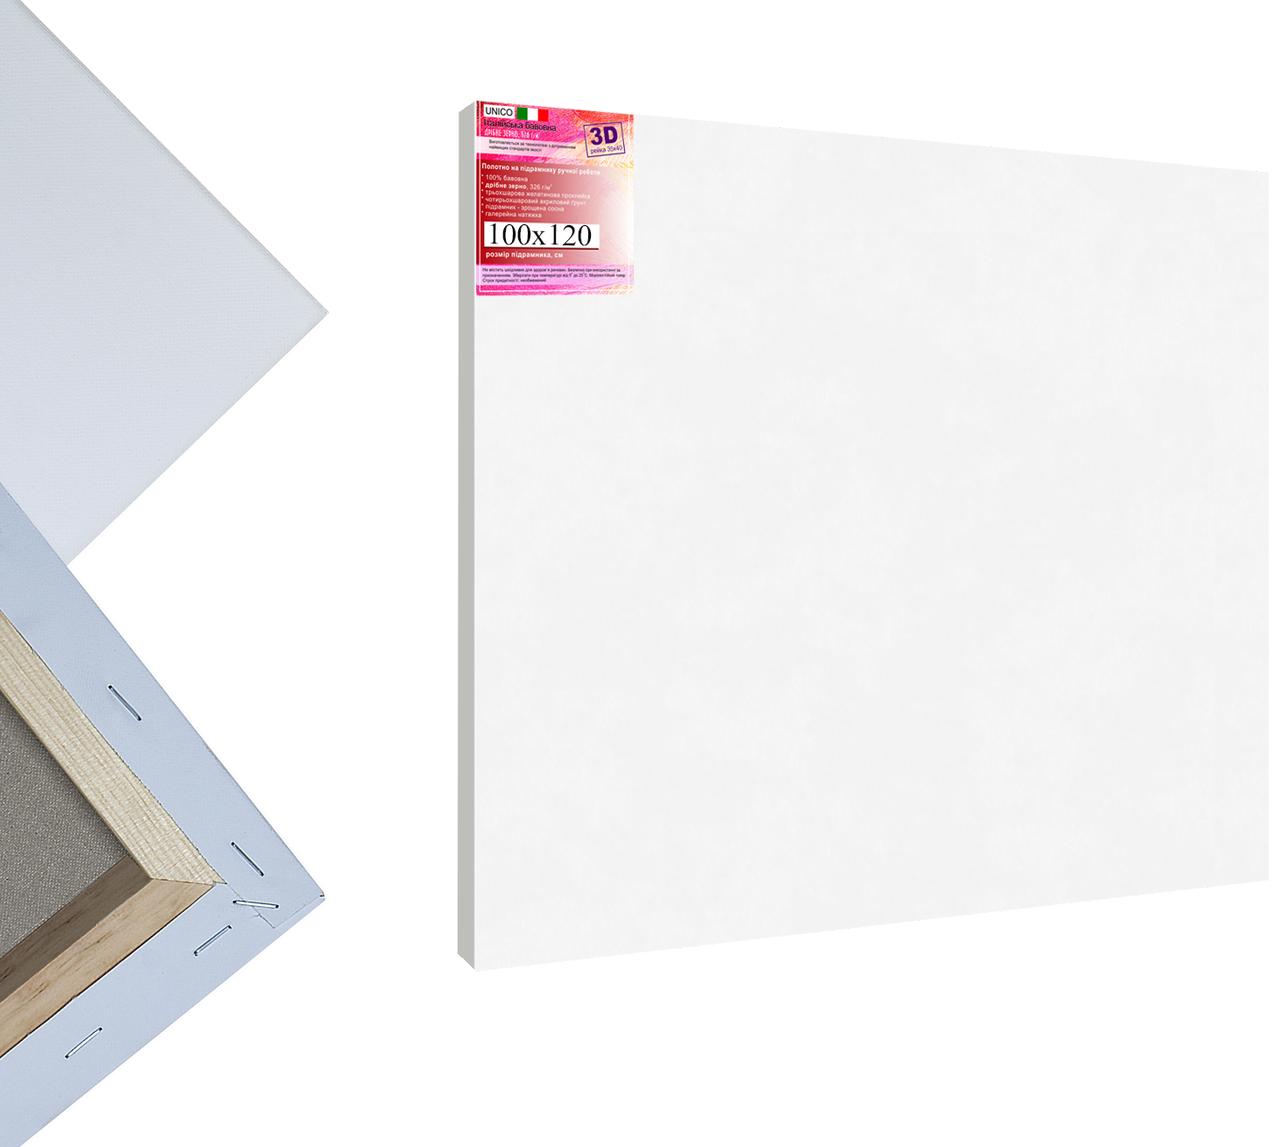 Холст на подрамнике Factura Unico3D 100х120 см Итальянский хлопок 326 грамм кв.м. мелкое зерно белый